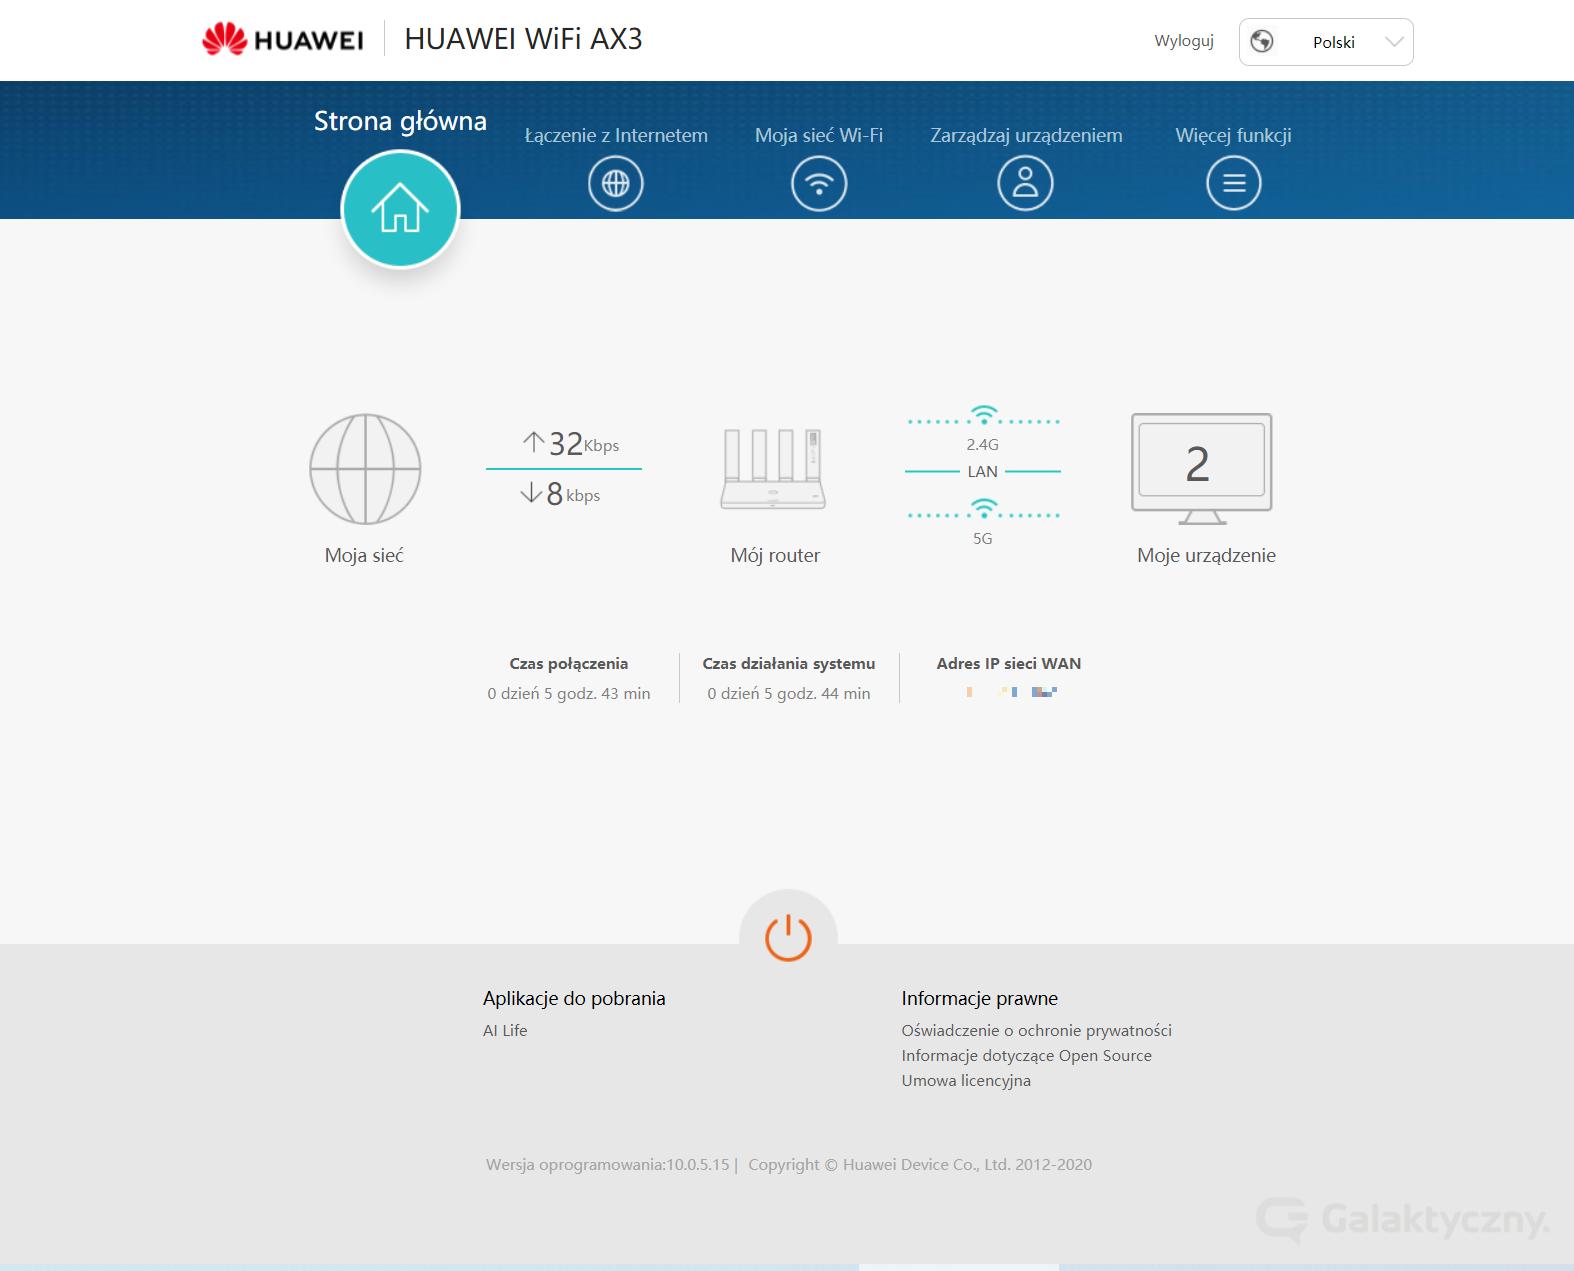 Huawei WiFi AX3 - Strona główna